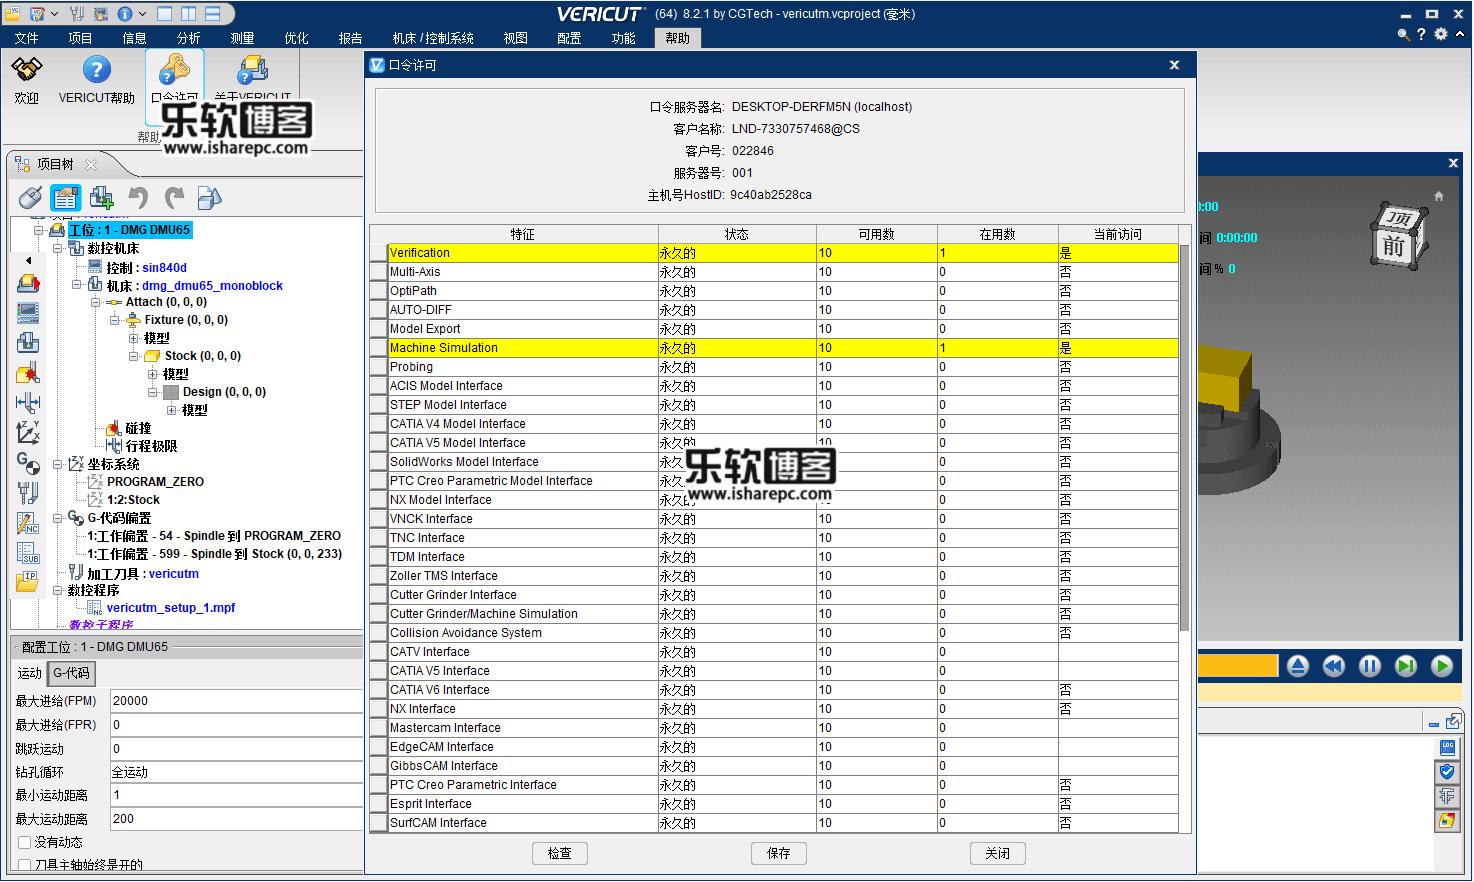 CGTech VERICUT 8.2.1破解版